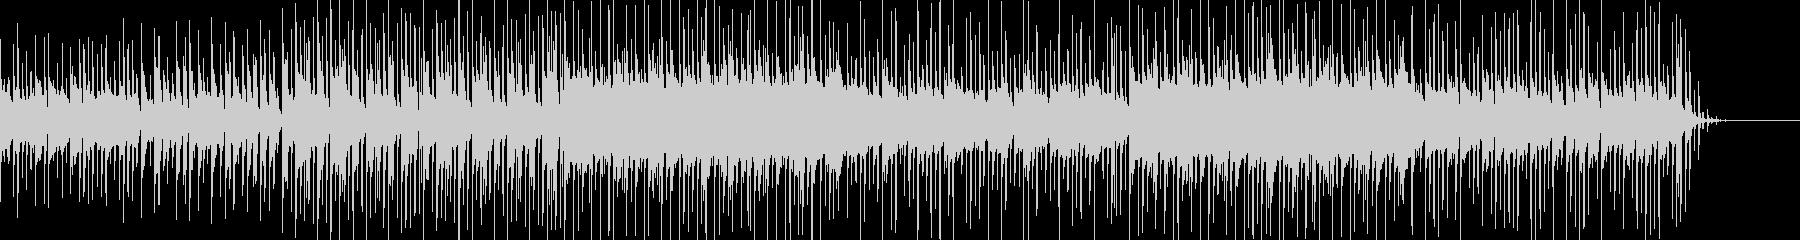 ピコピコ音がかわいいポップスBGMの未再生の波形